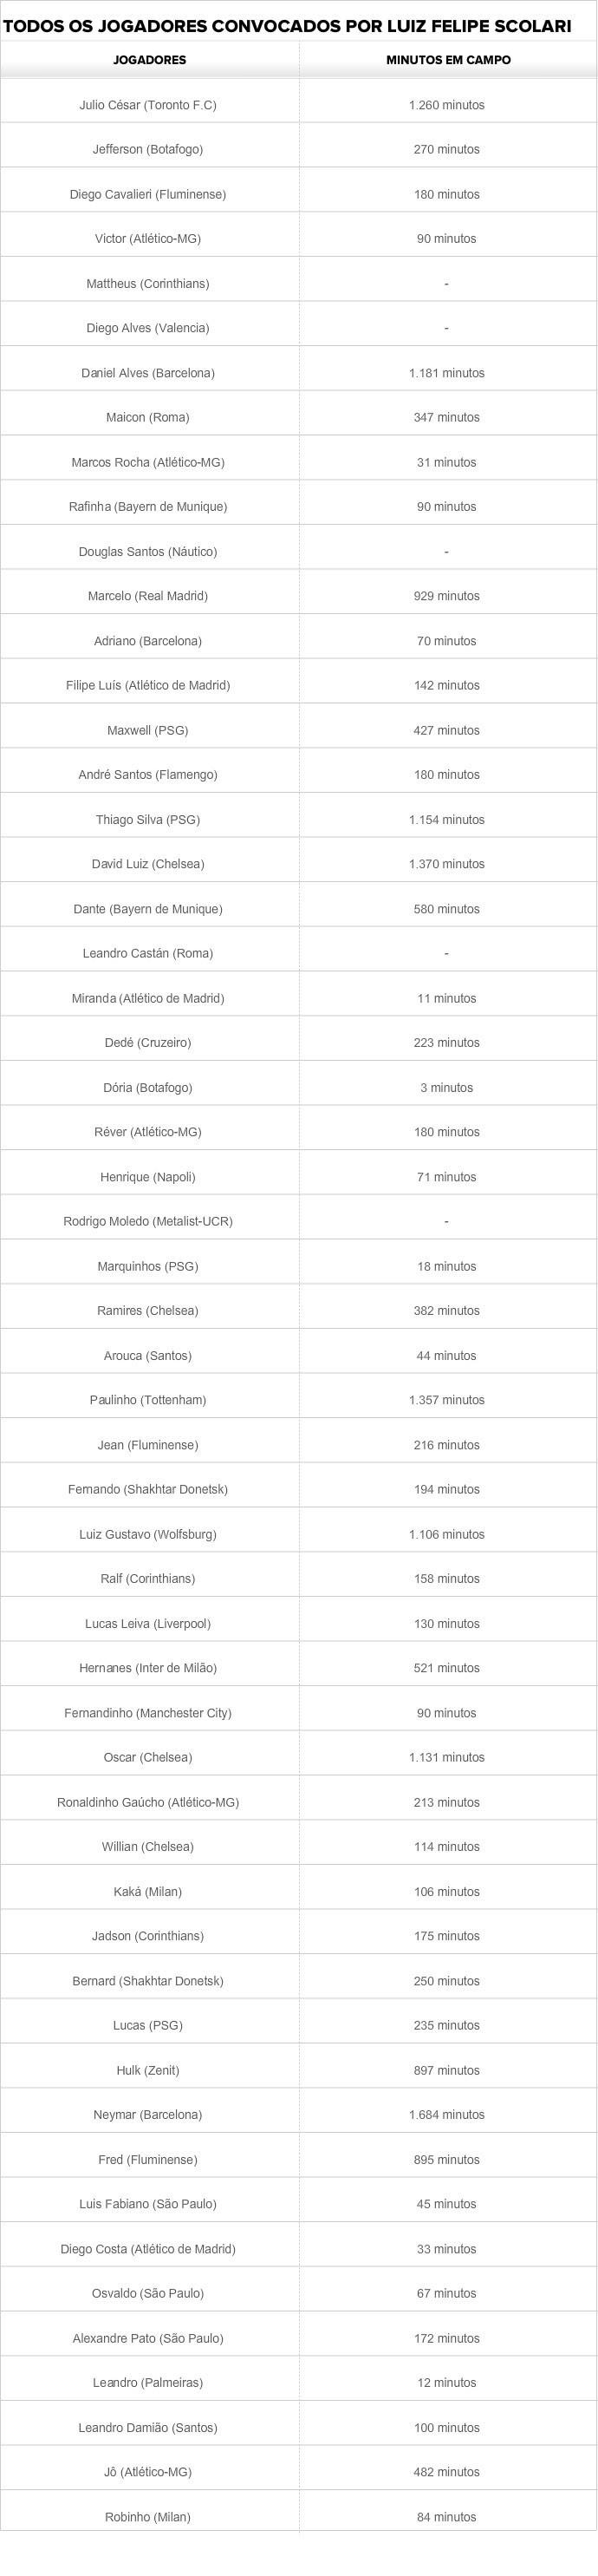 tabela copa do mundo convocação (Foto: Globoesporte.com)